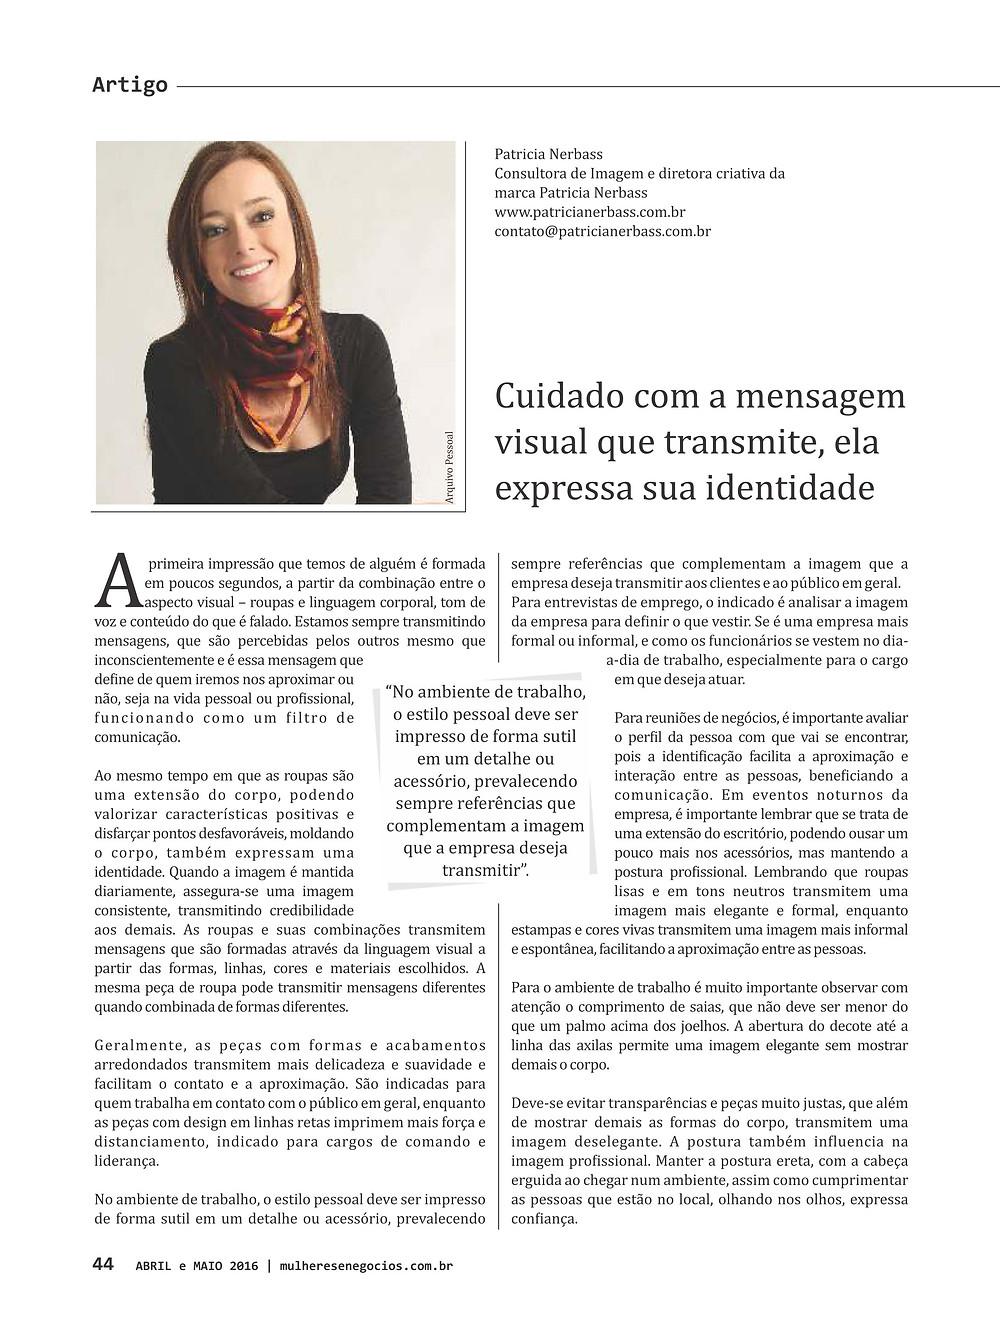 Patricia Nerbass na mídia